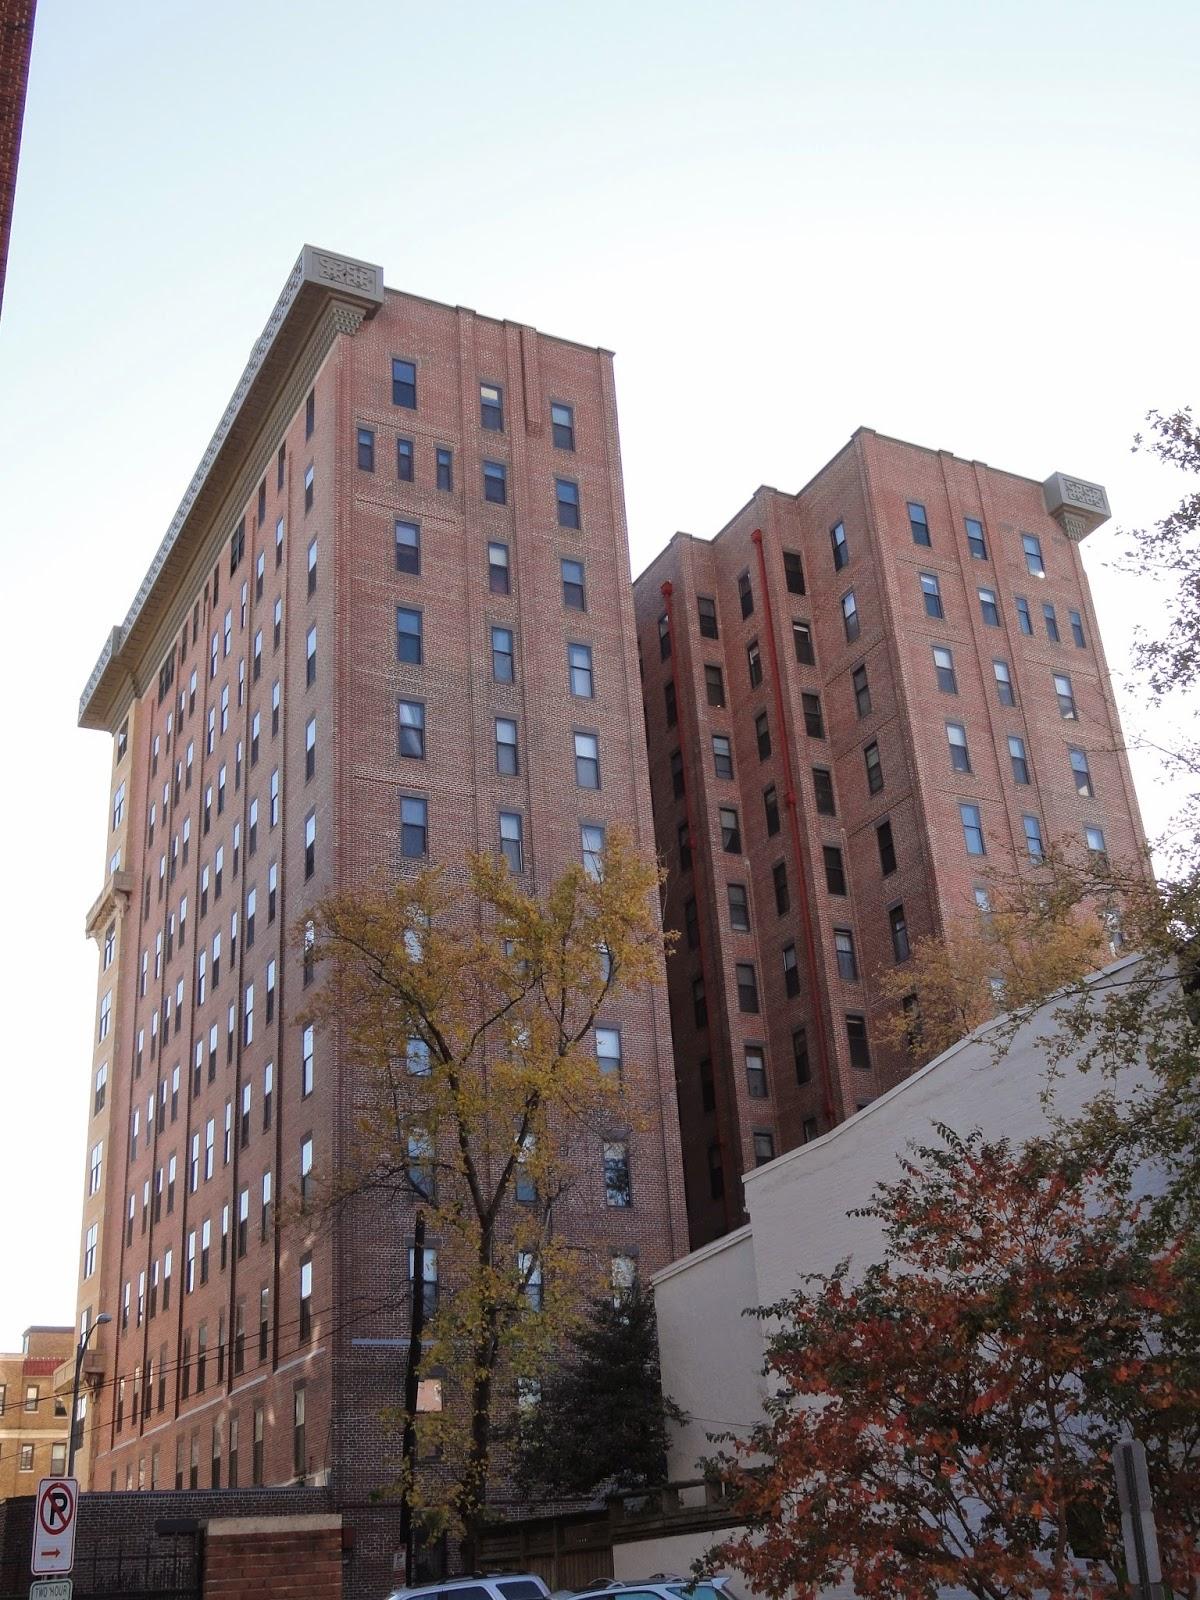 DC prewar apartments 1 Tours by Josh Whitehead